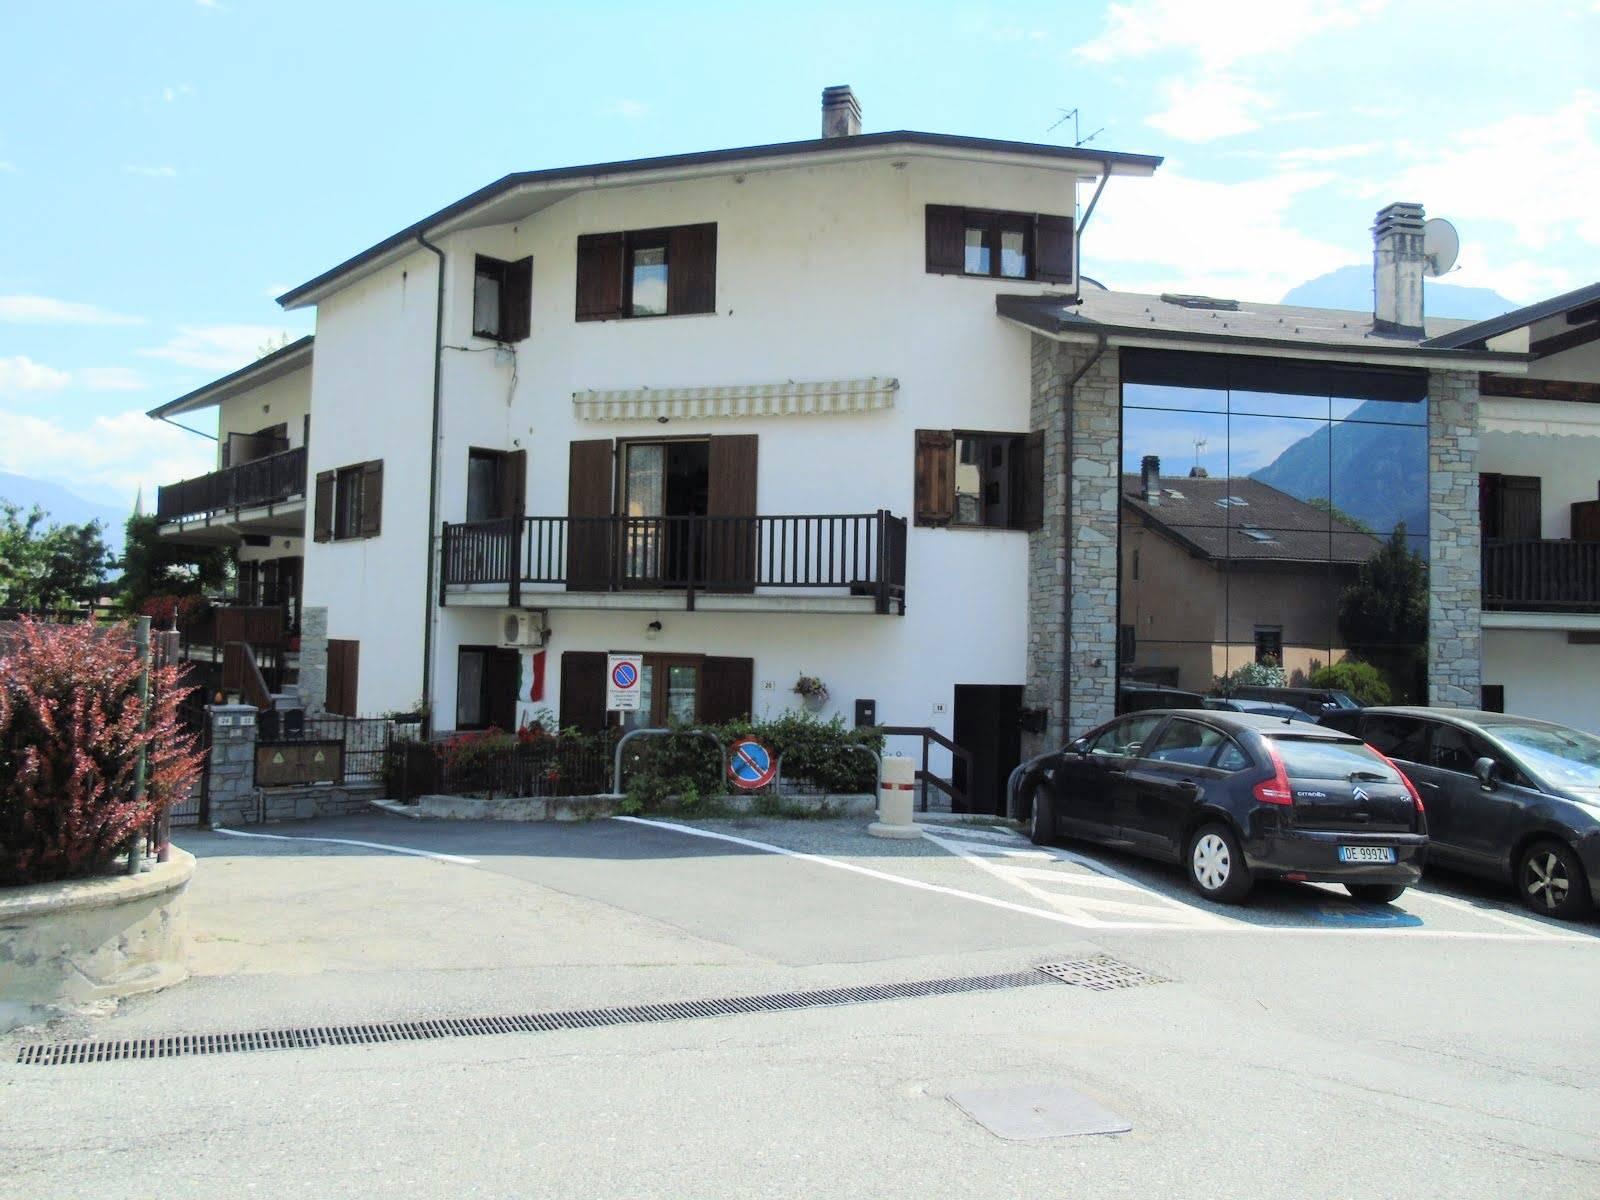 Appartamento in vendita a Nus, 4 locali, prezzo € 138.000 | CambioCasa.it